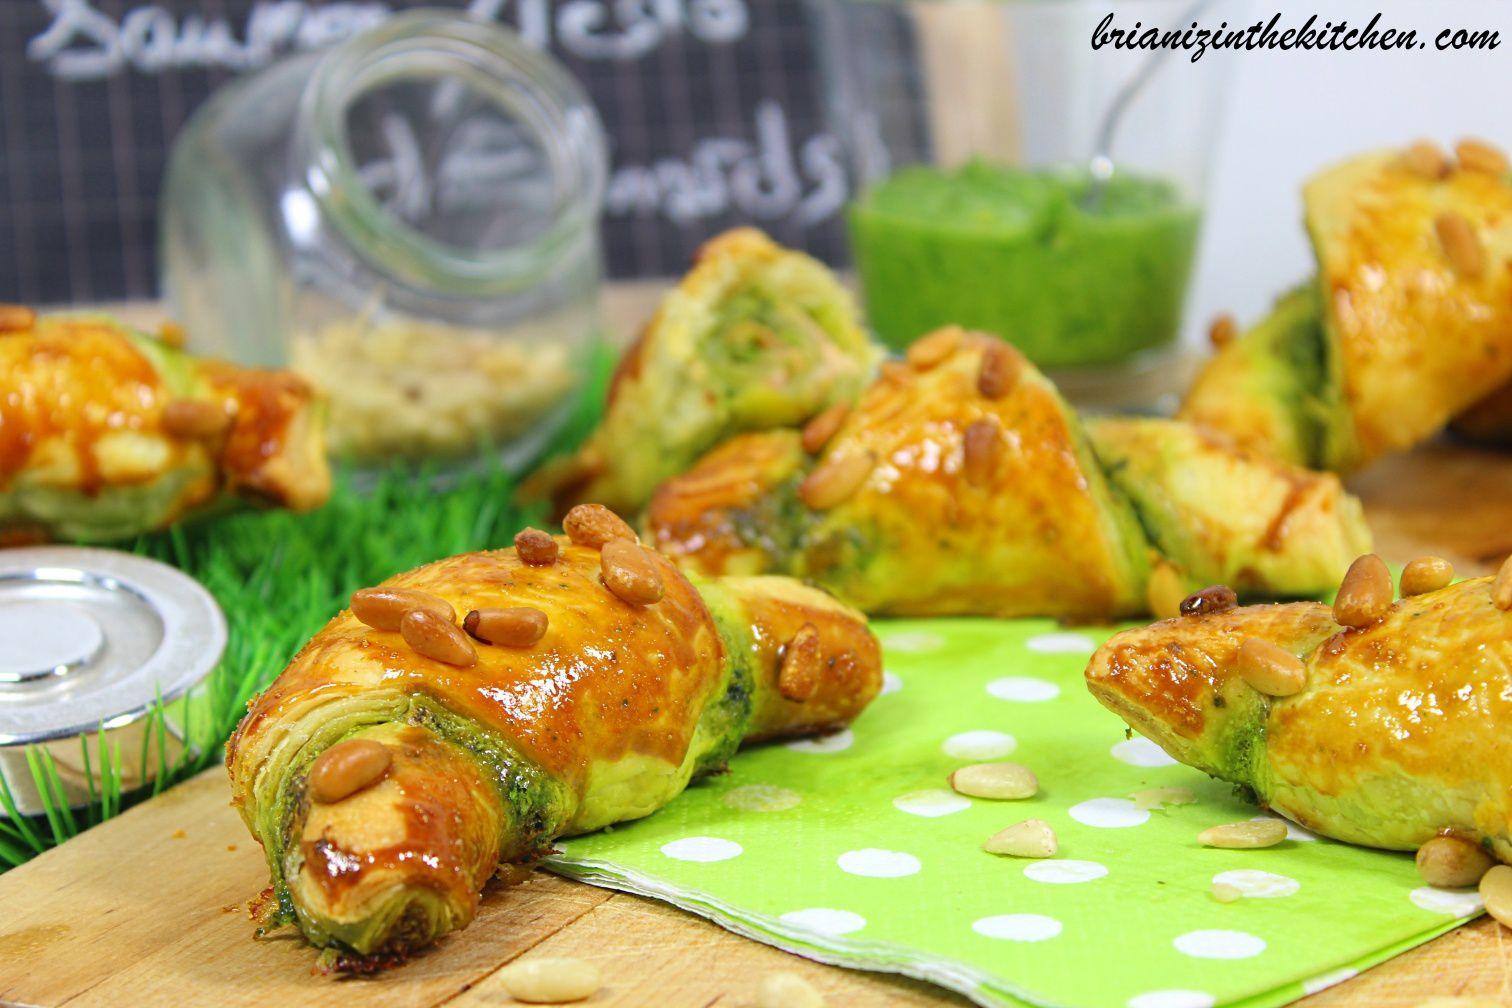 Croissants Apéro Saumon & Pesto d'Epinards